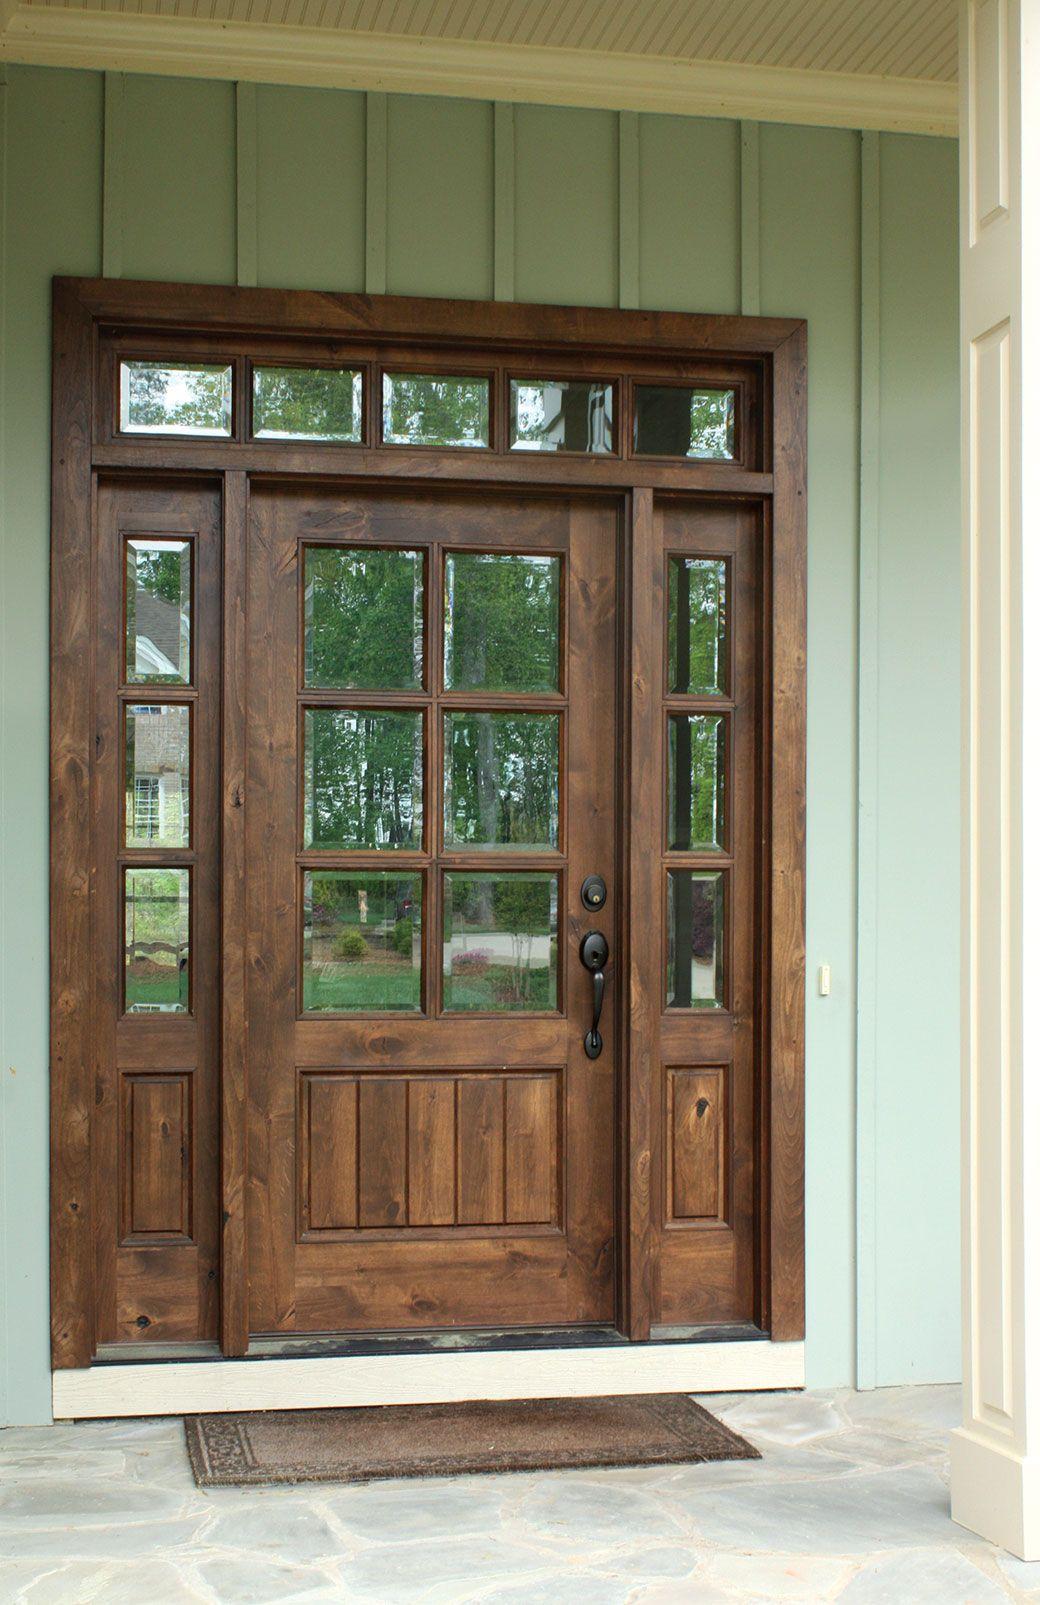 Good Looking Front Door A Little Bit More Rustic Front Door With Side Lights No Beveled Glass House Exterior Farmhouse Front Door Knotty Alder Doors